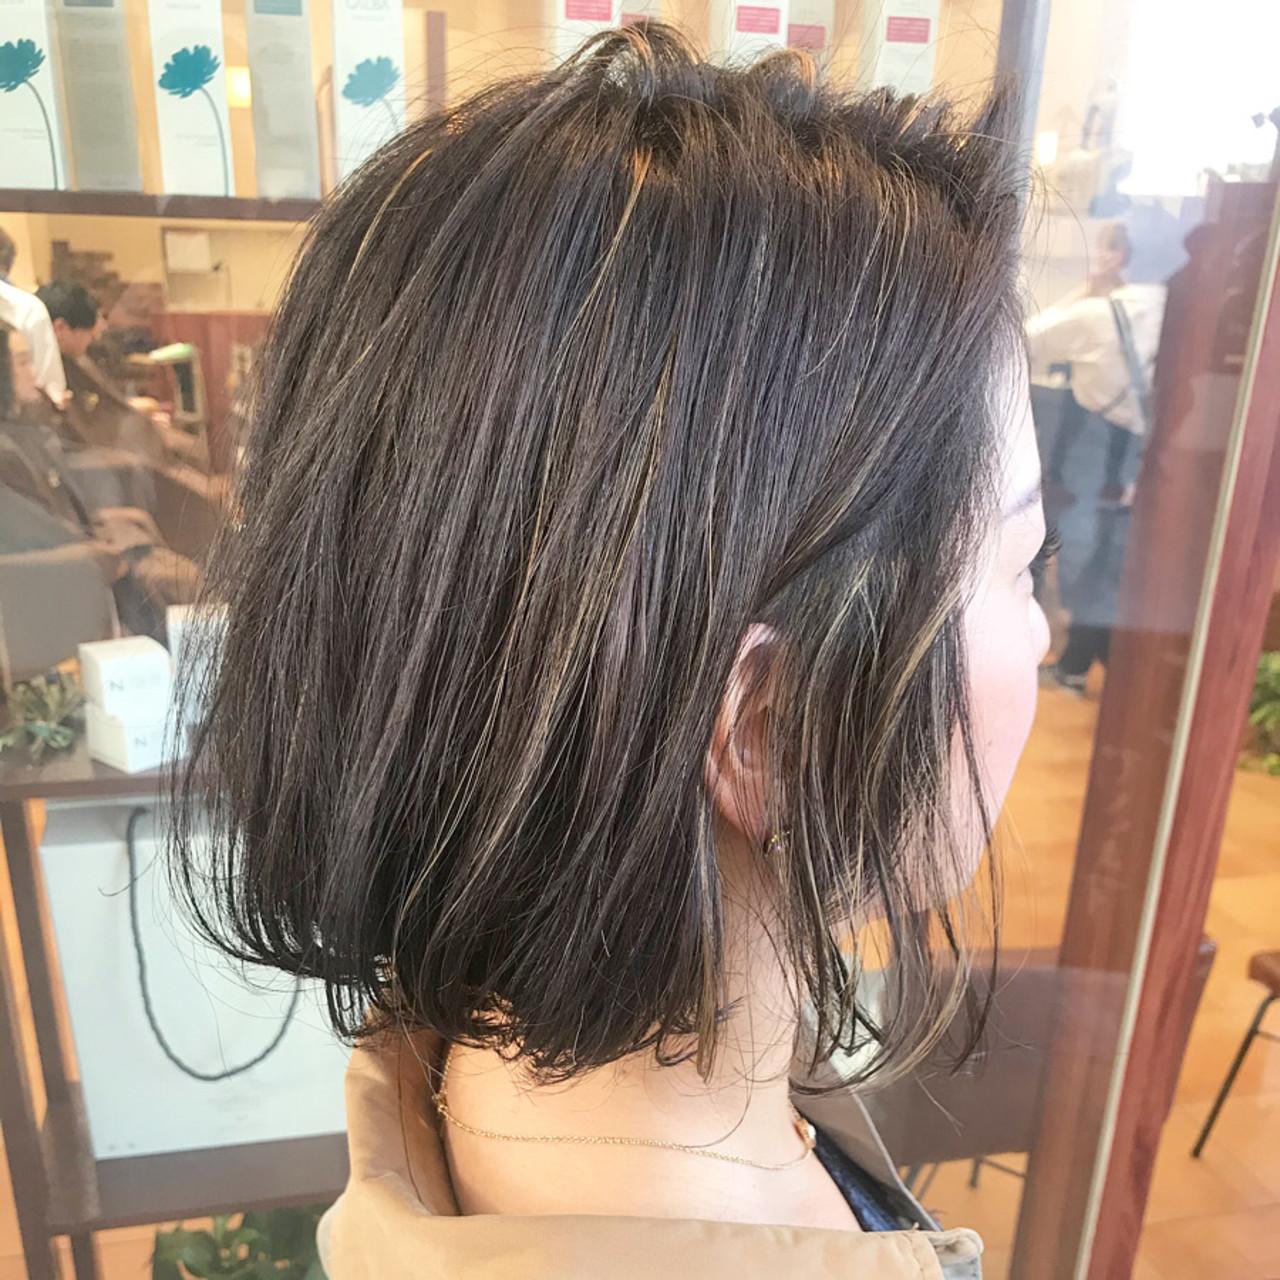 ショートボブ ミニボブ オフィス ハイライト ヘアスタイルや髪型の写真・画像